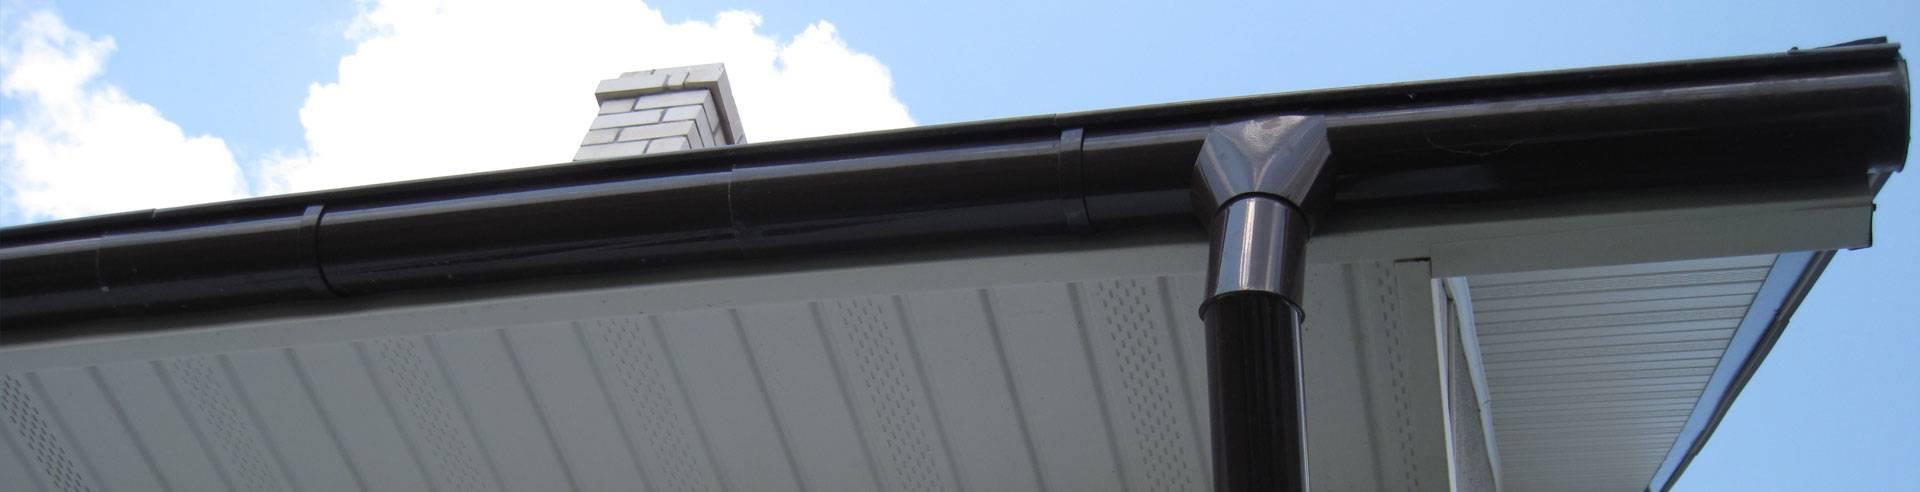 Кровельные материалы для крыши в Минске от производителя. Порошково-полимерная покраска